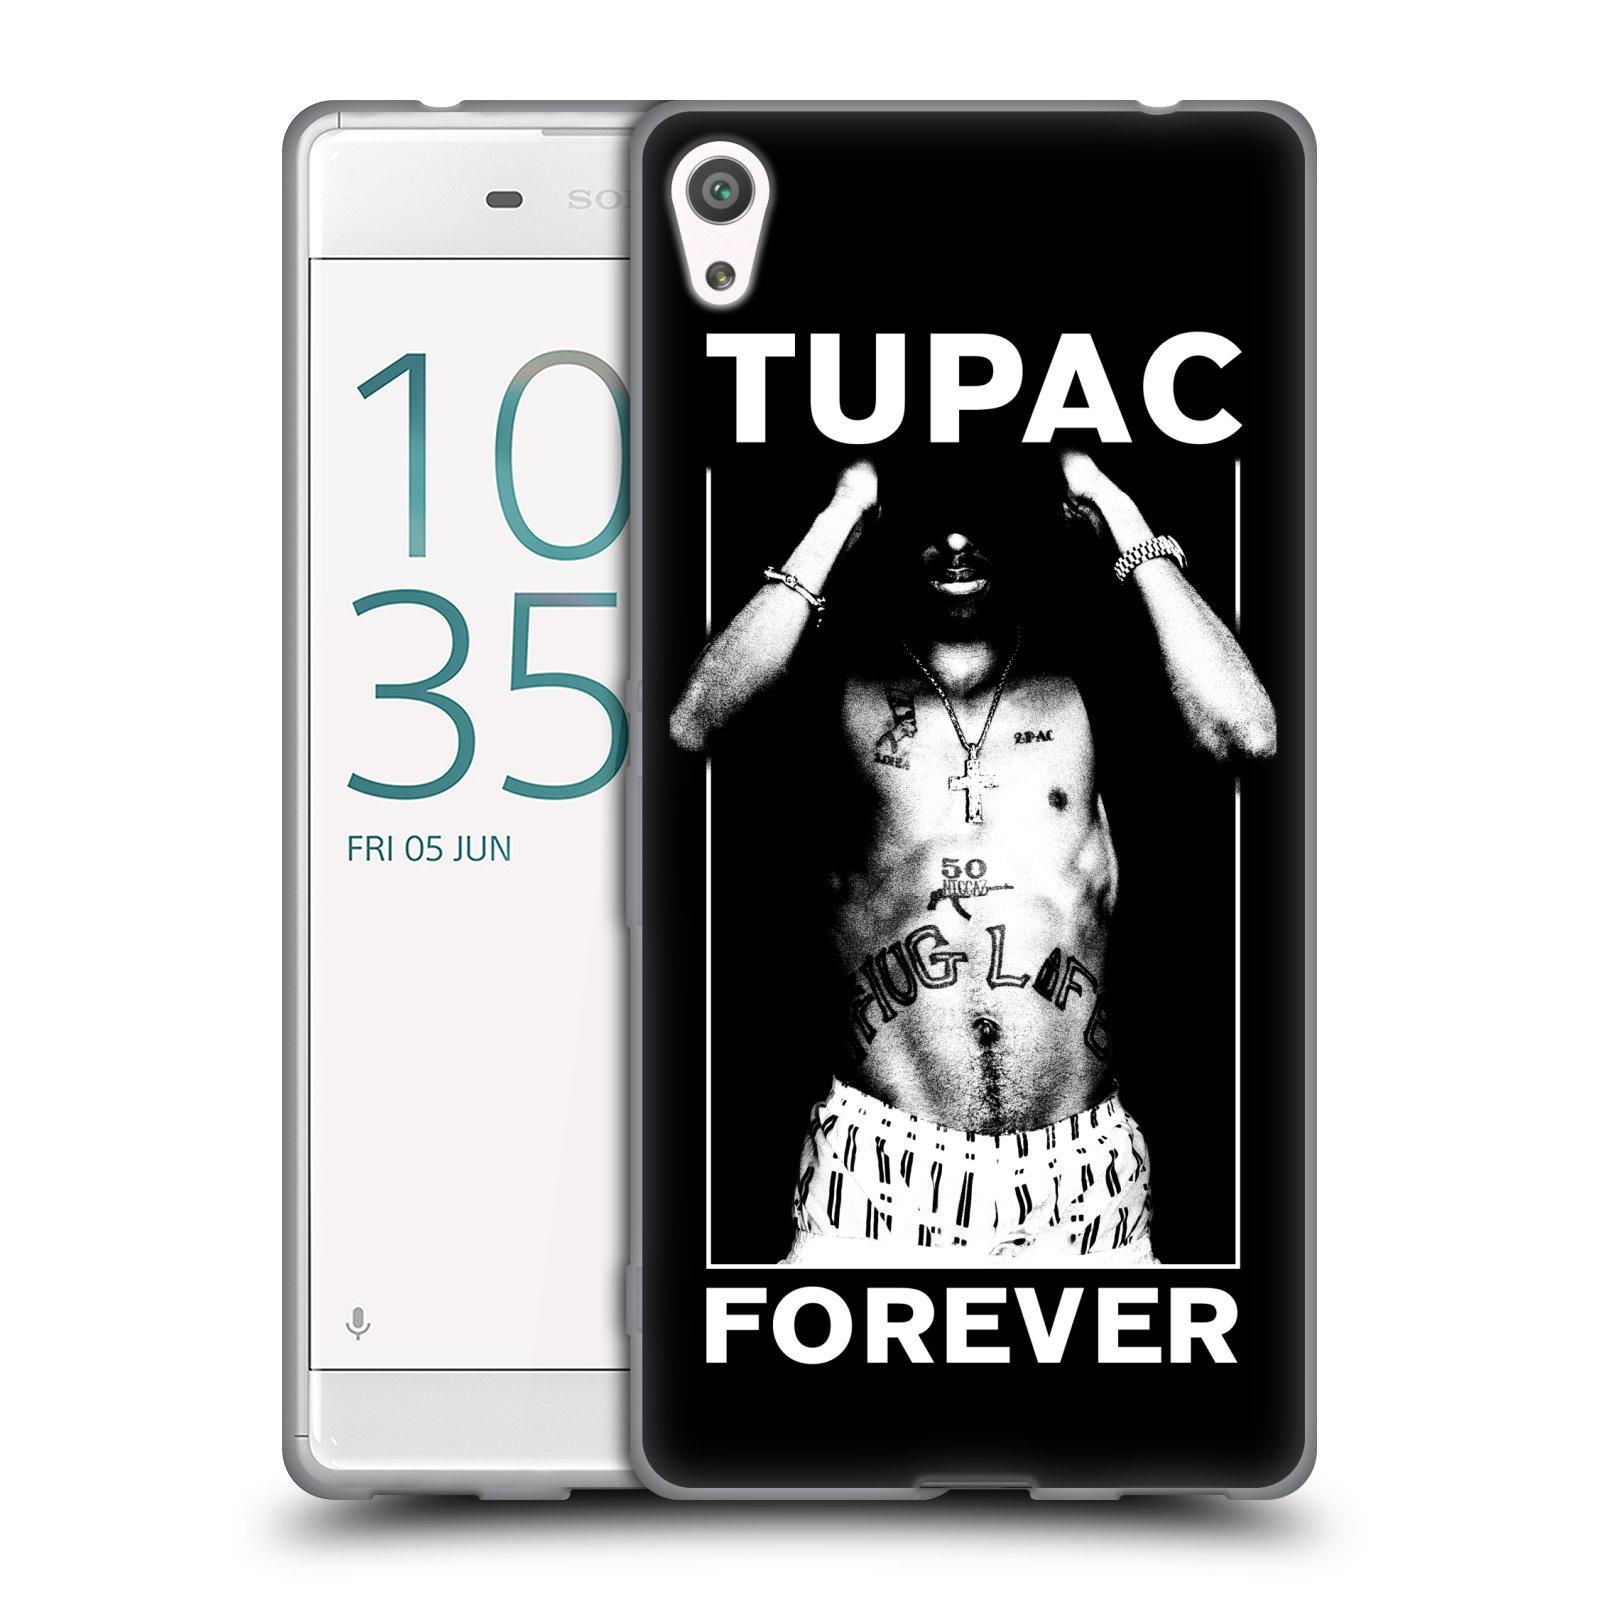 HEAD CASE silikonový obal na mobil Sony Xperia XA ULTRA Zpěvák rapper Tupac Shakur 2Pac bílý popisek FOREVER